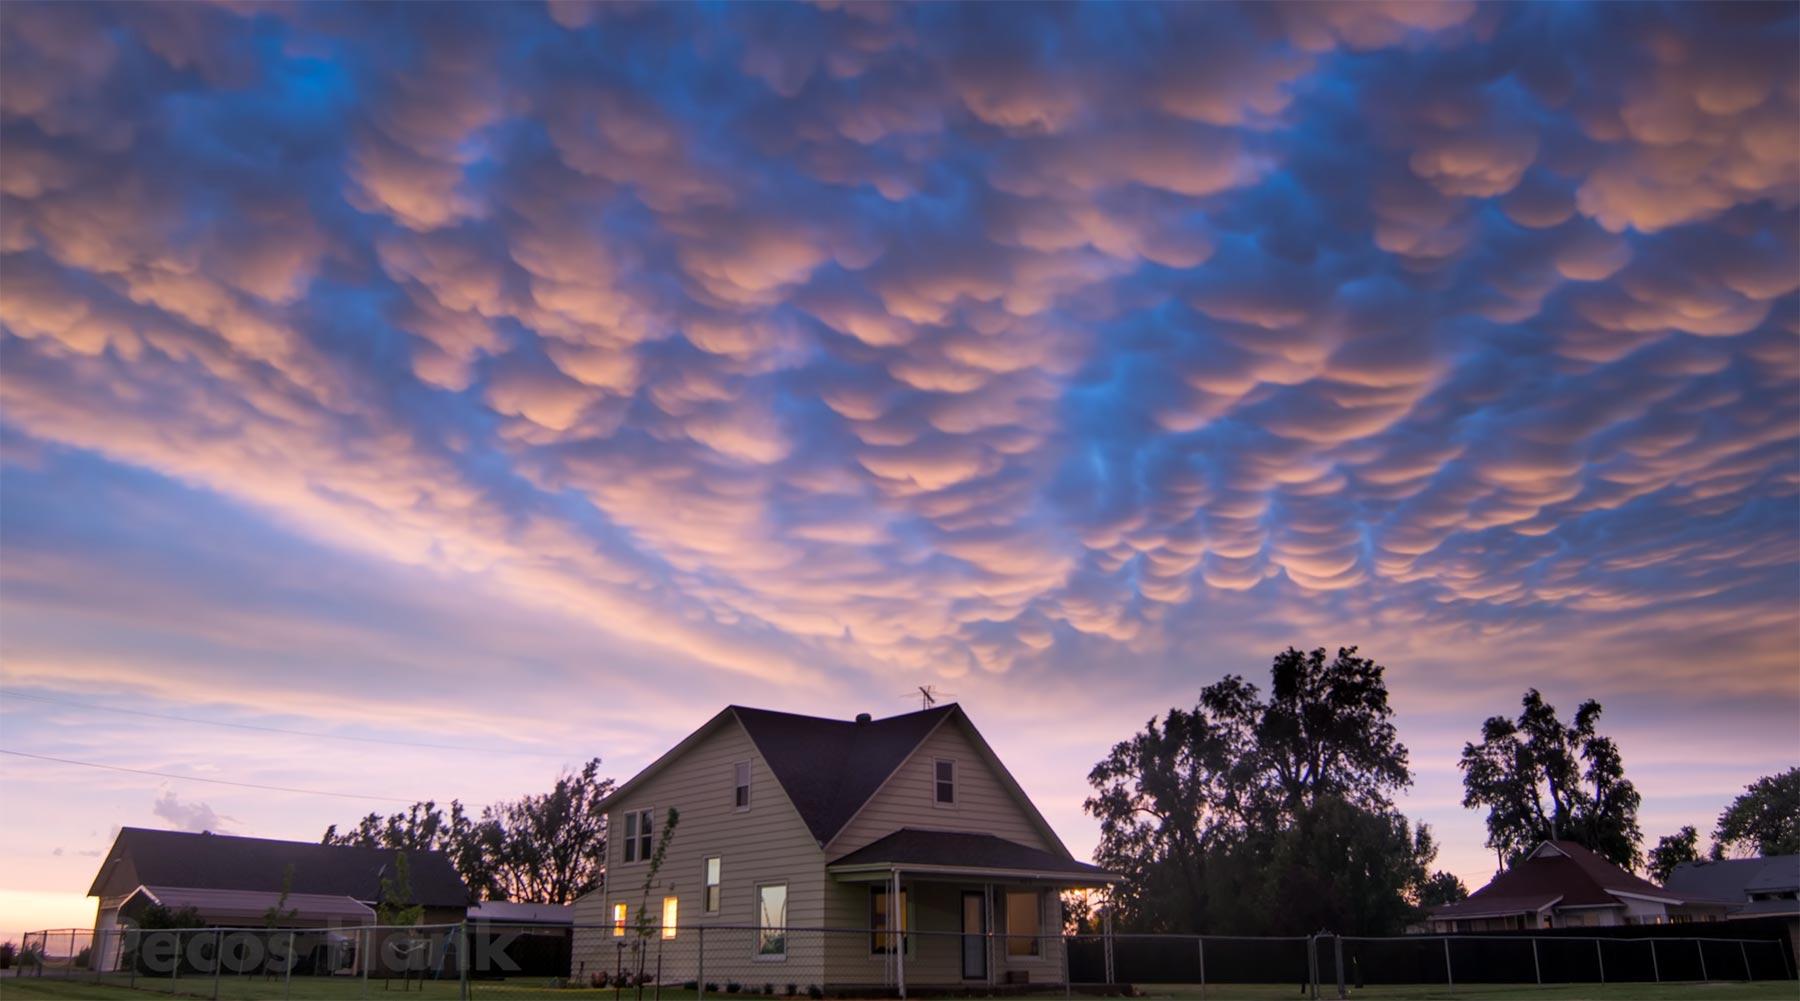 Einige wunderschöne Sturm-Zeitraffer-Aufnahmen